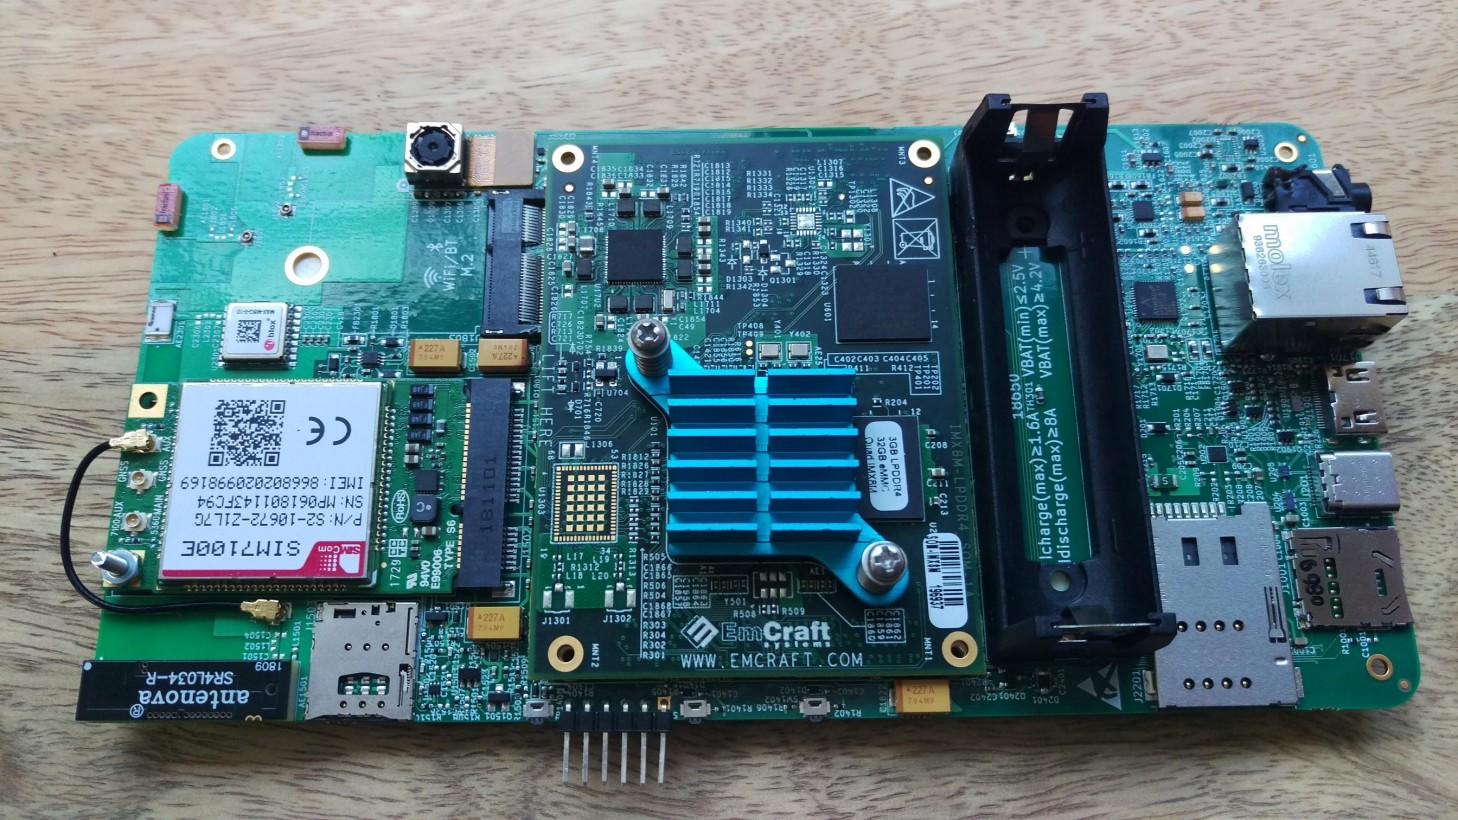 The Librem 5 Development Kit